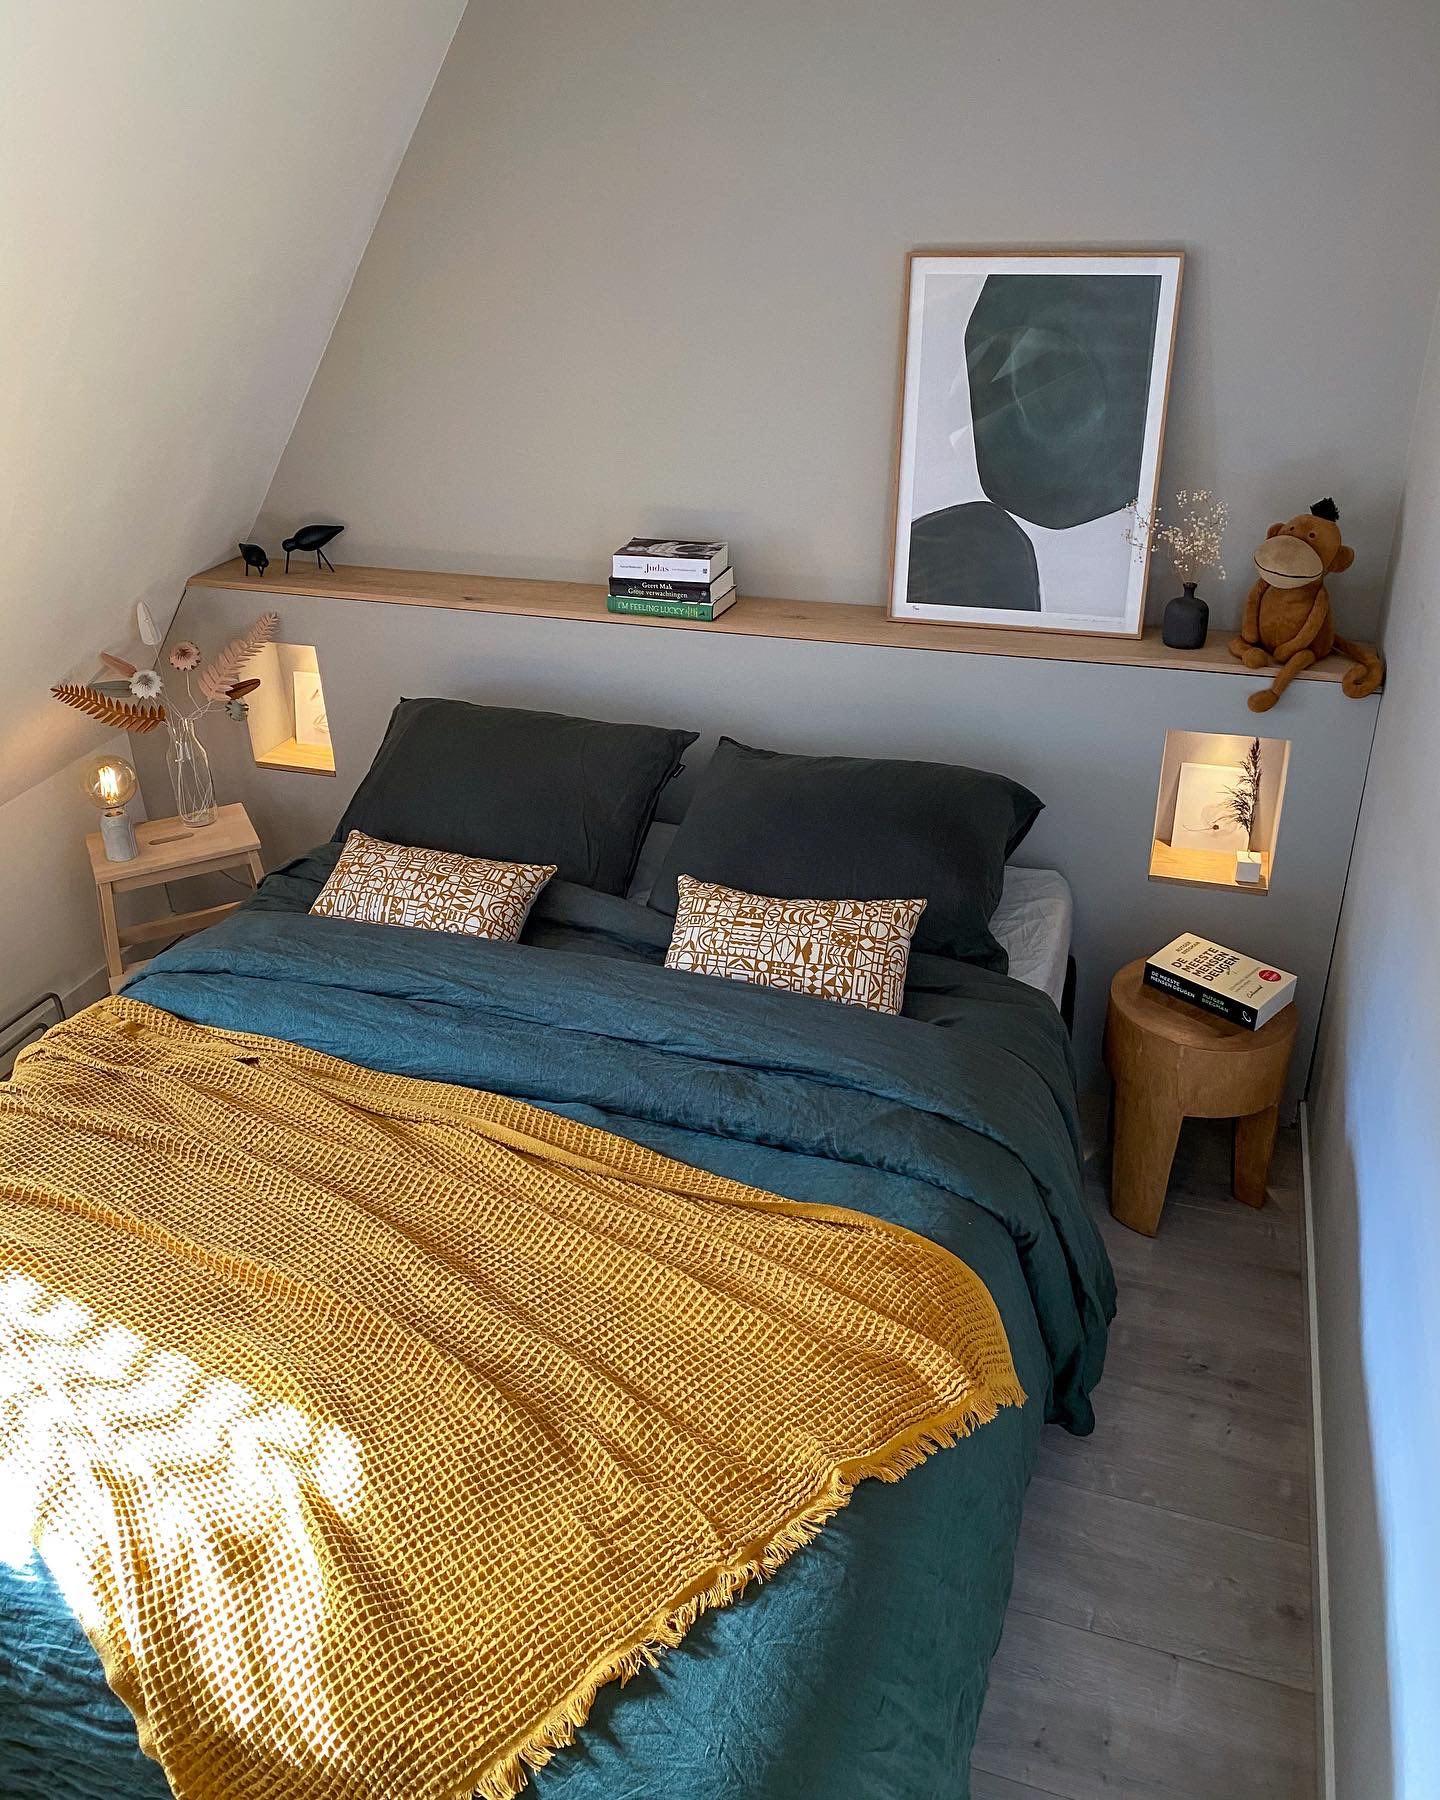 DIY hoofdbord voor achter je bed in de slaapkamer. Met nisjes en eikenhout